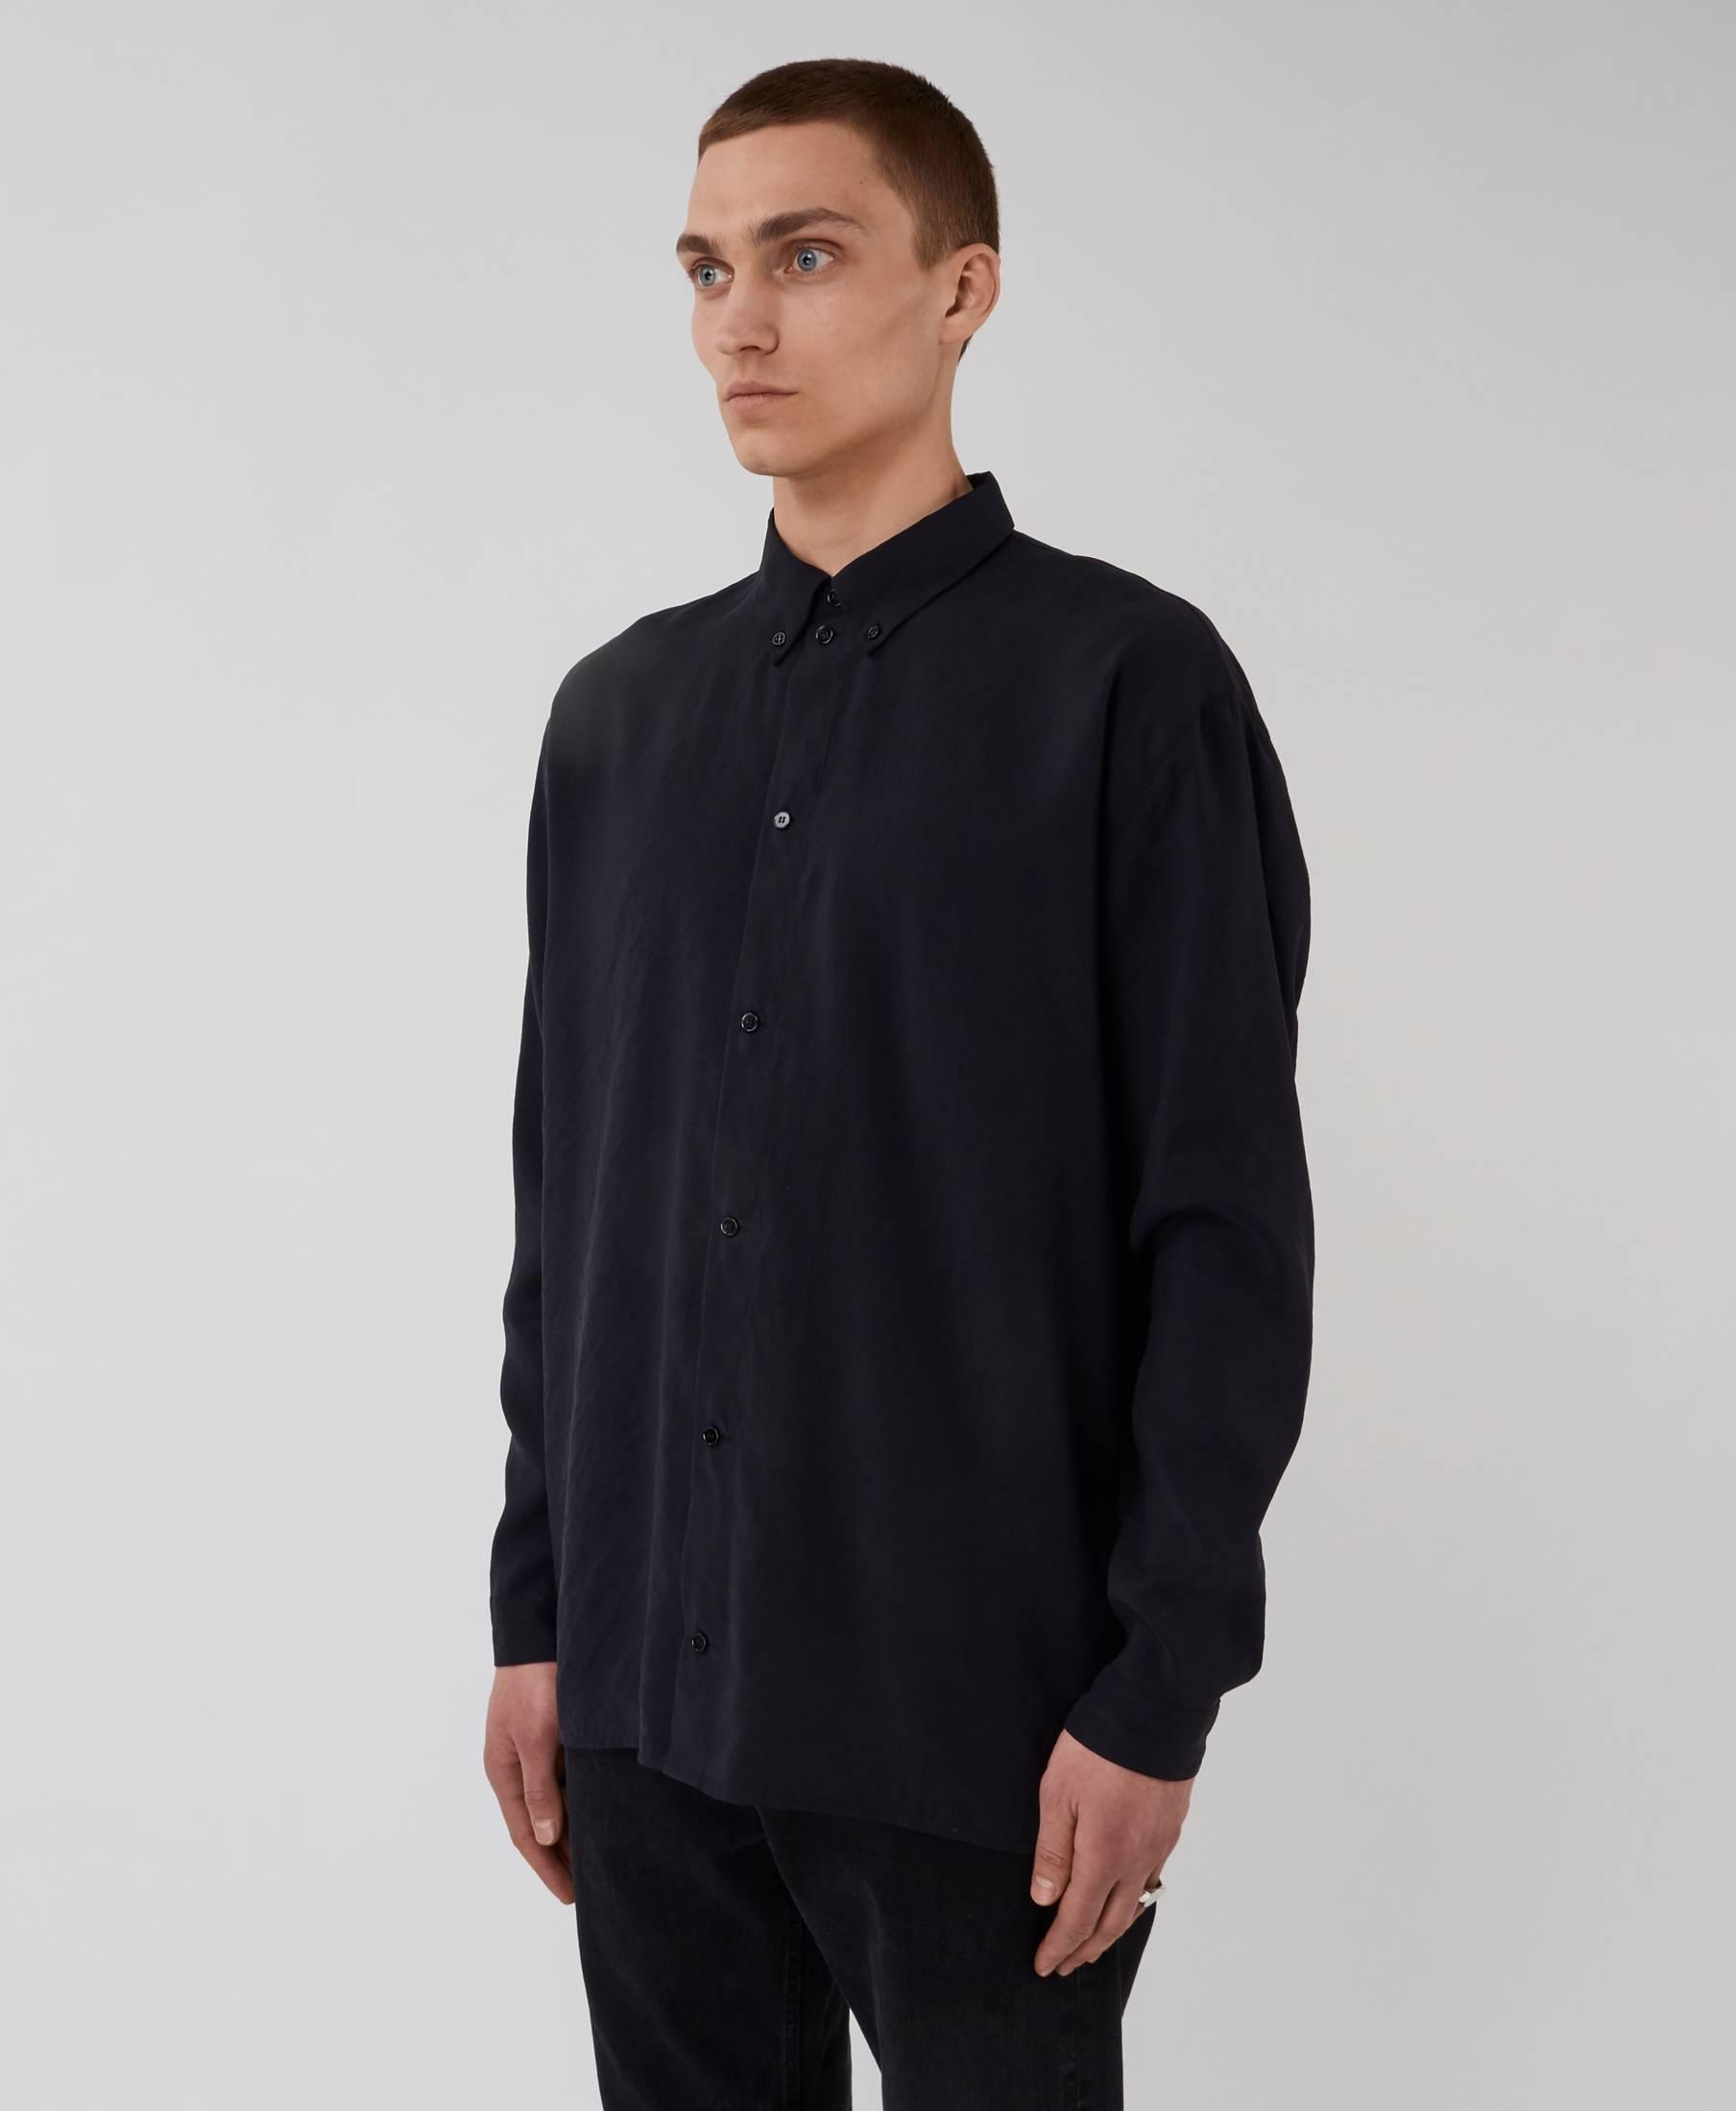 Penrose Shirt Pistol Black